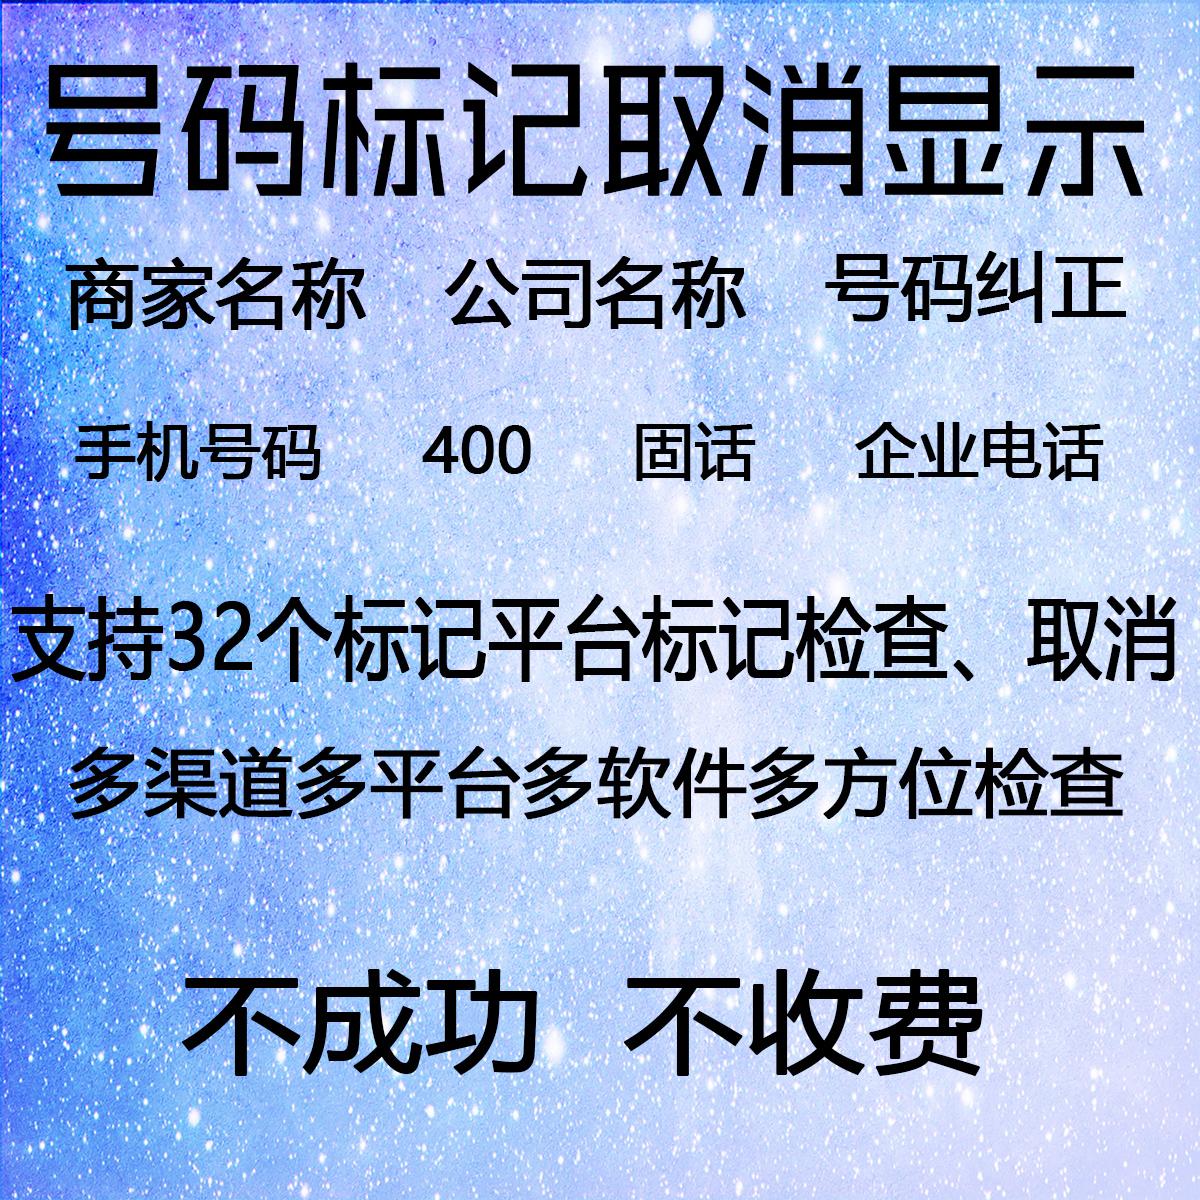 电话号码标记取消 手机号被标记去除 公司商家号码名称标记取消